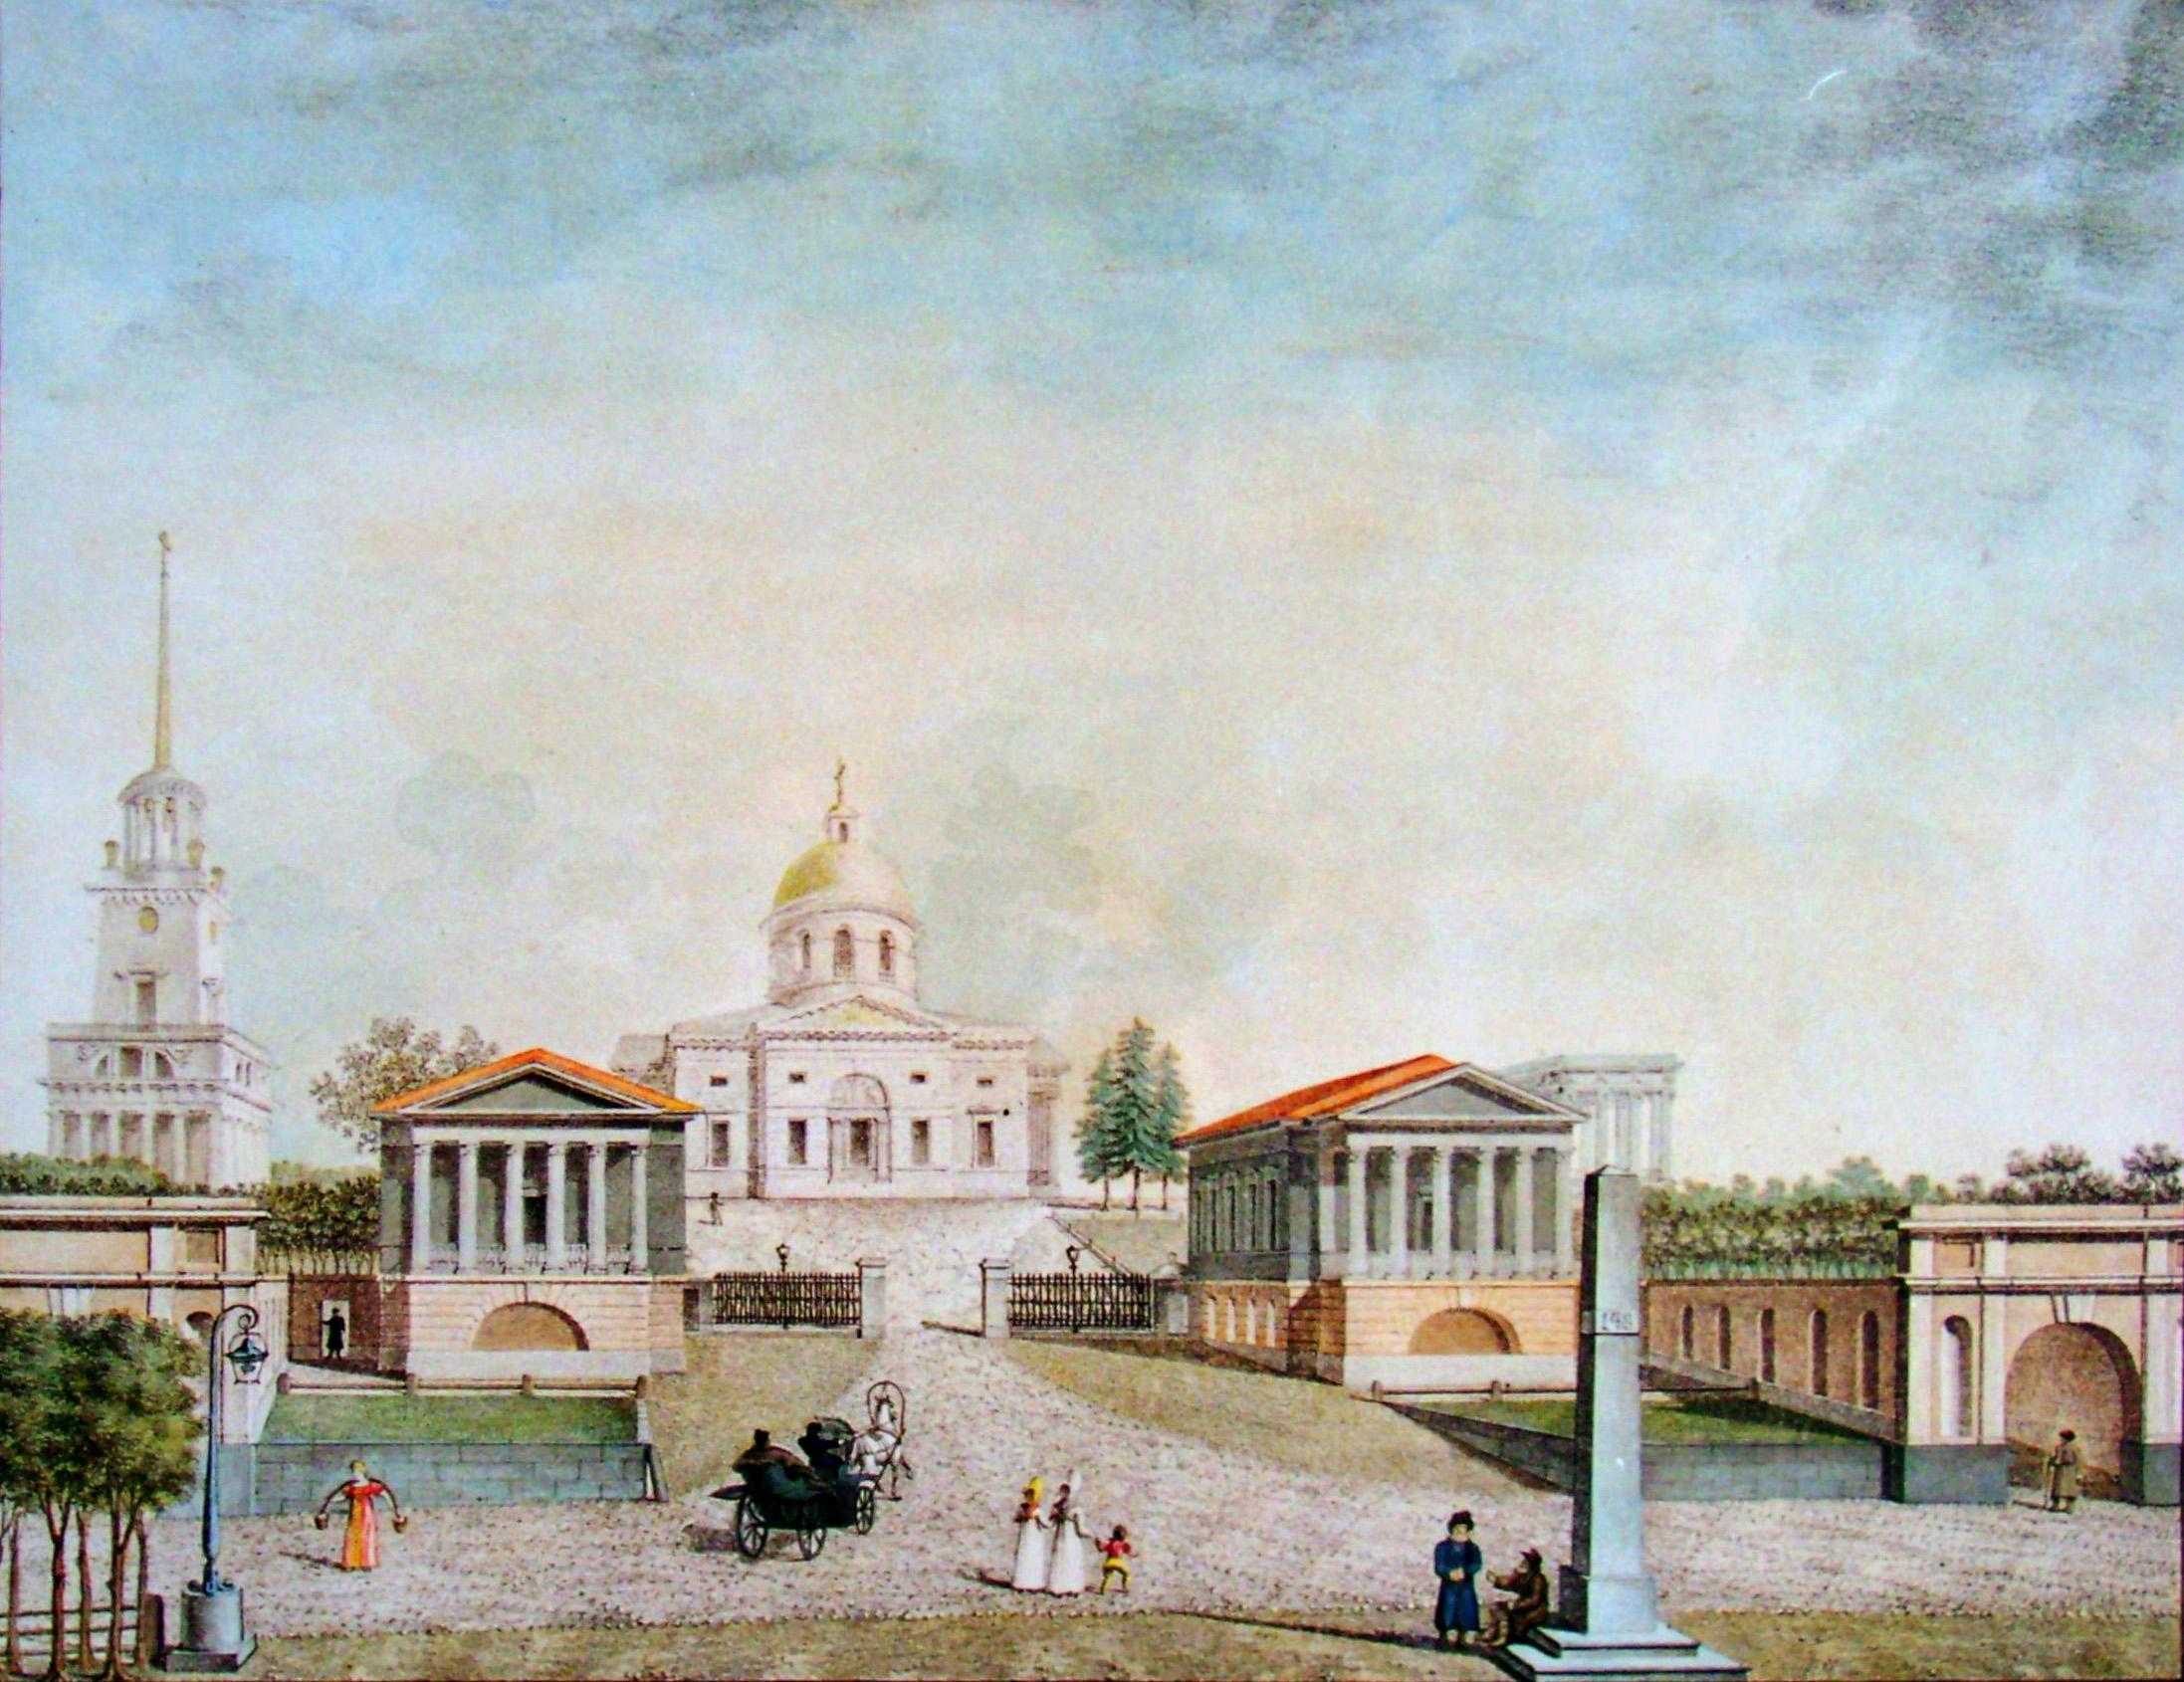 5. Вид Площади у Гошпиталя 1822 г. Р<исовал> на кам<не> Арх<итектор> Семенов.